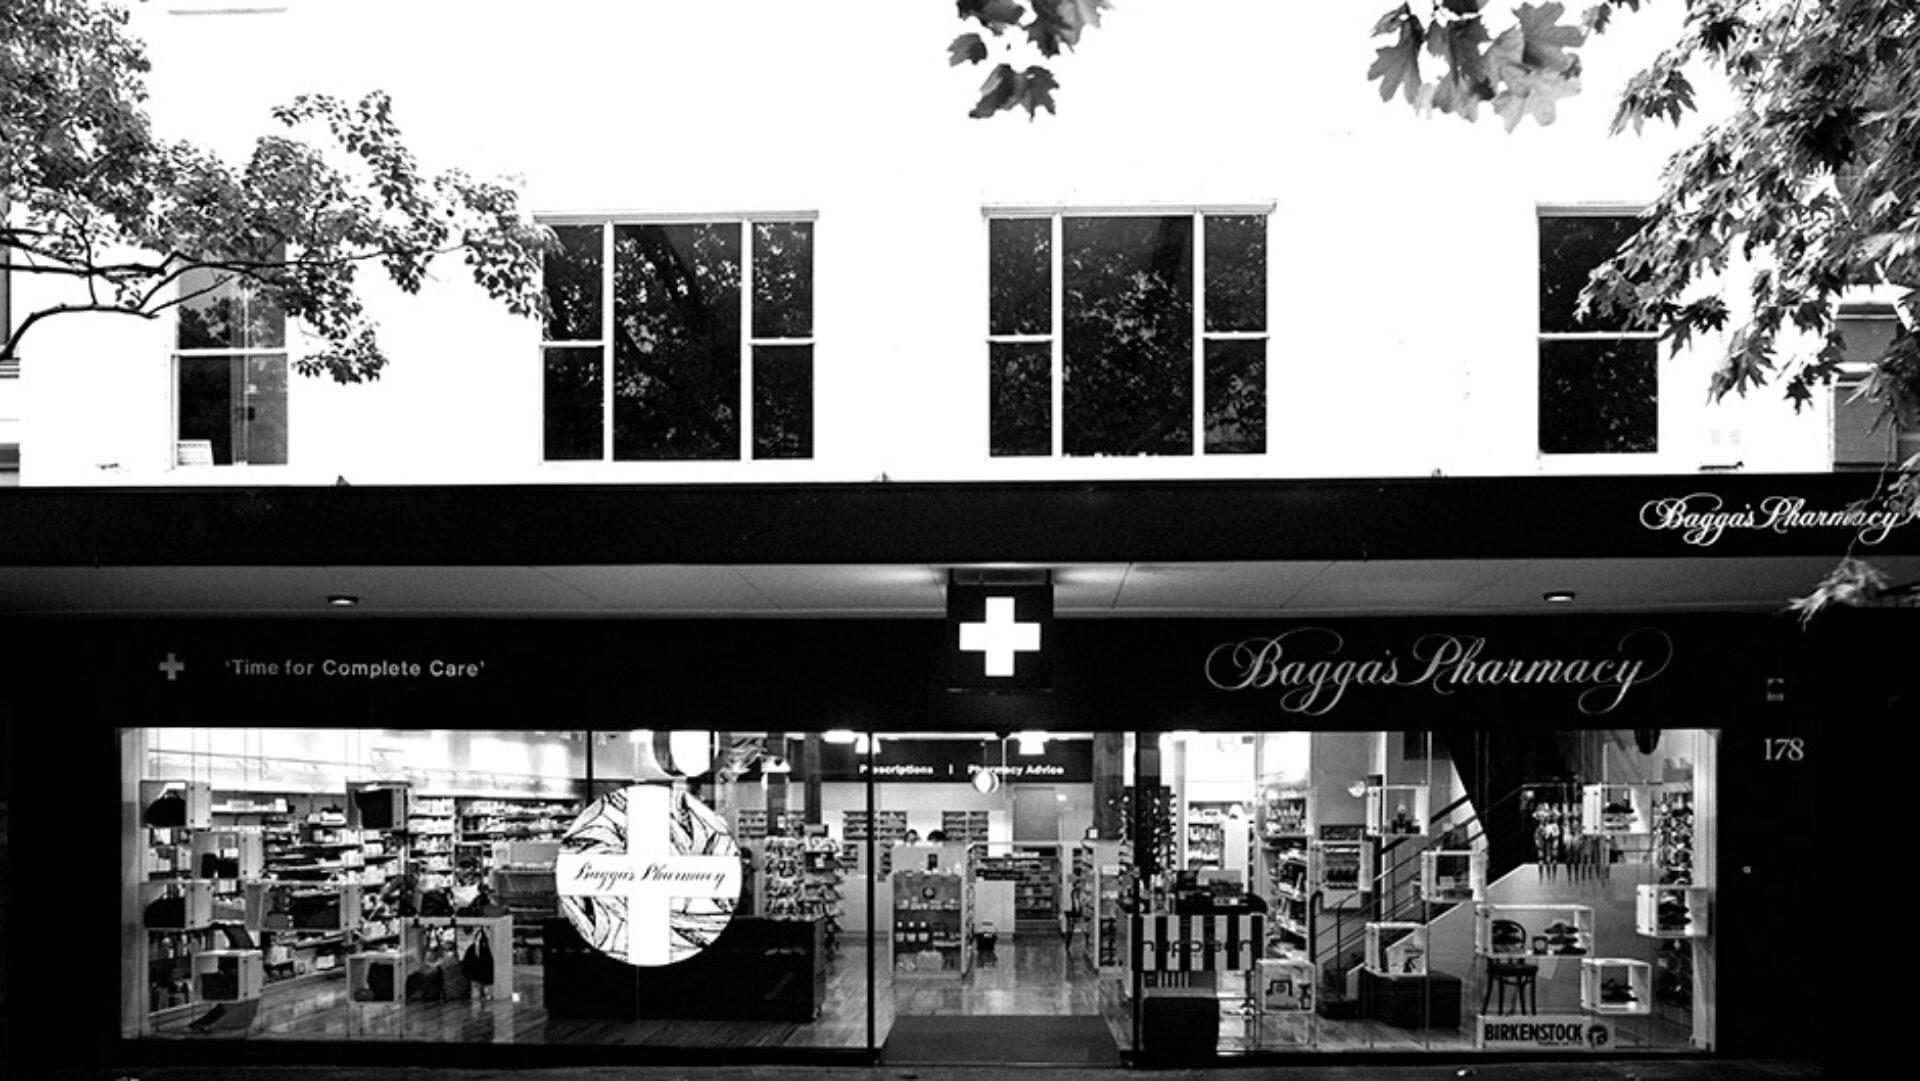 Baggas pharmacy 02